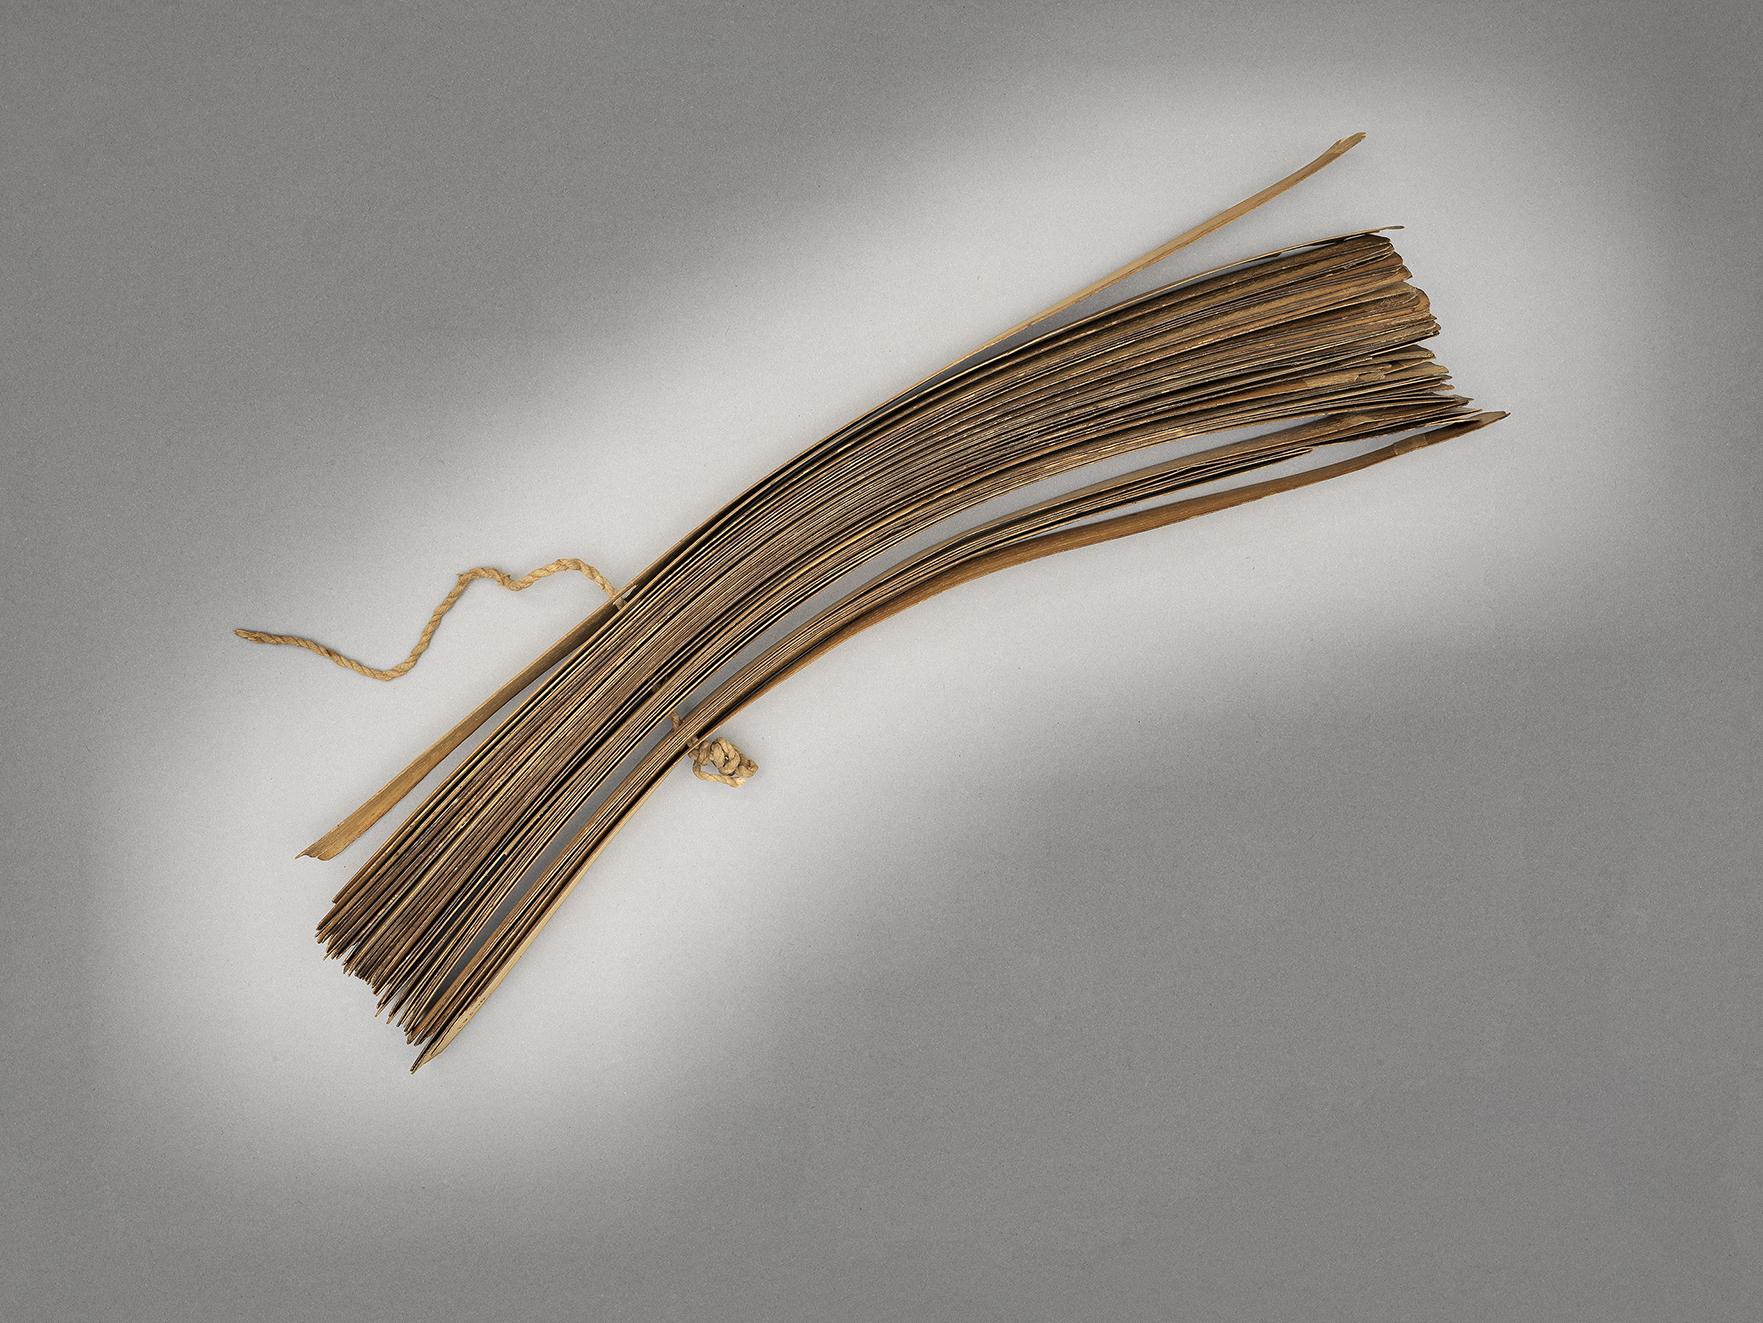 Manuscrit tamoul composé de feuilles de palme formant des ôles avec inscriptions en tamoul - Fermé de profil